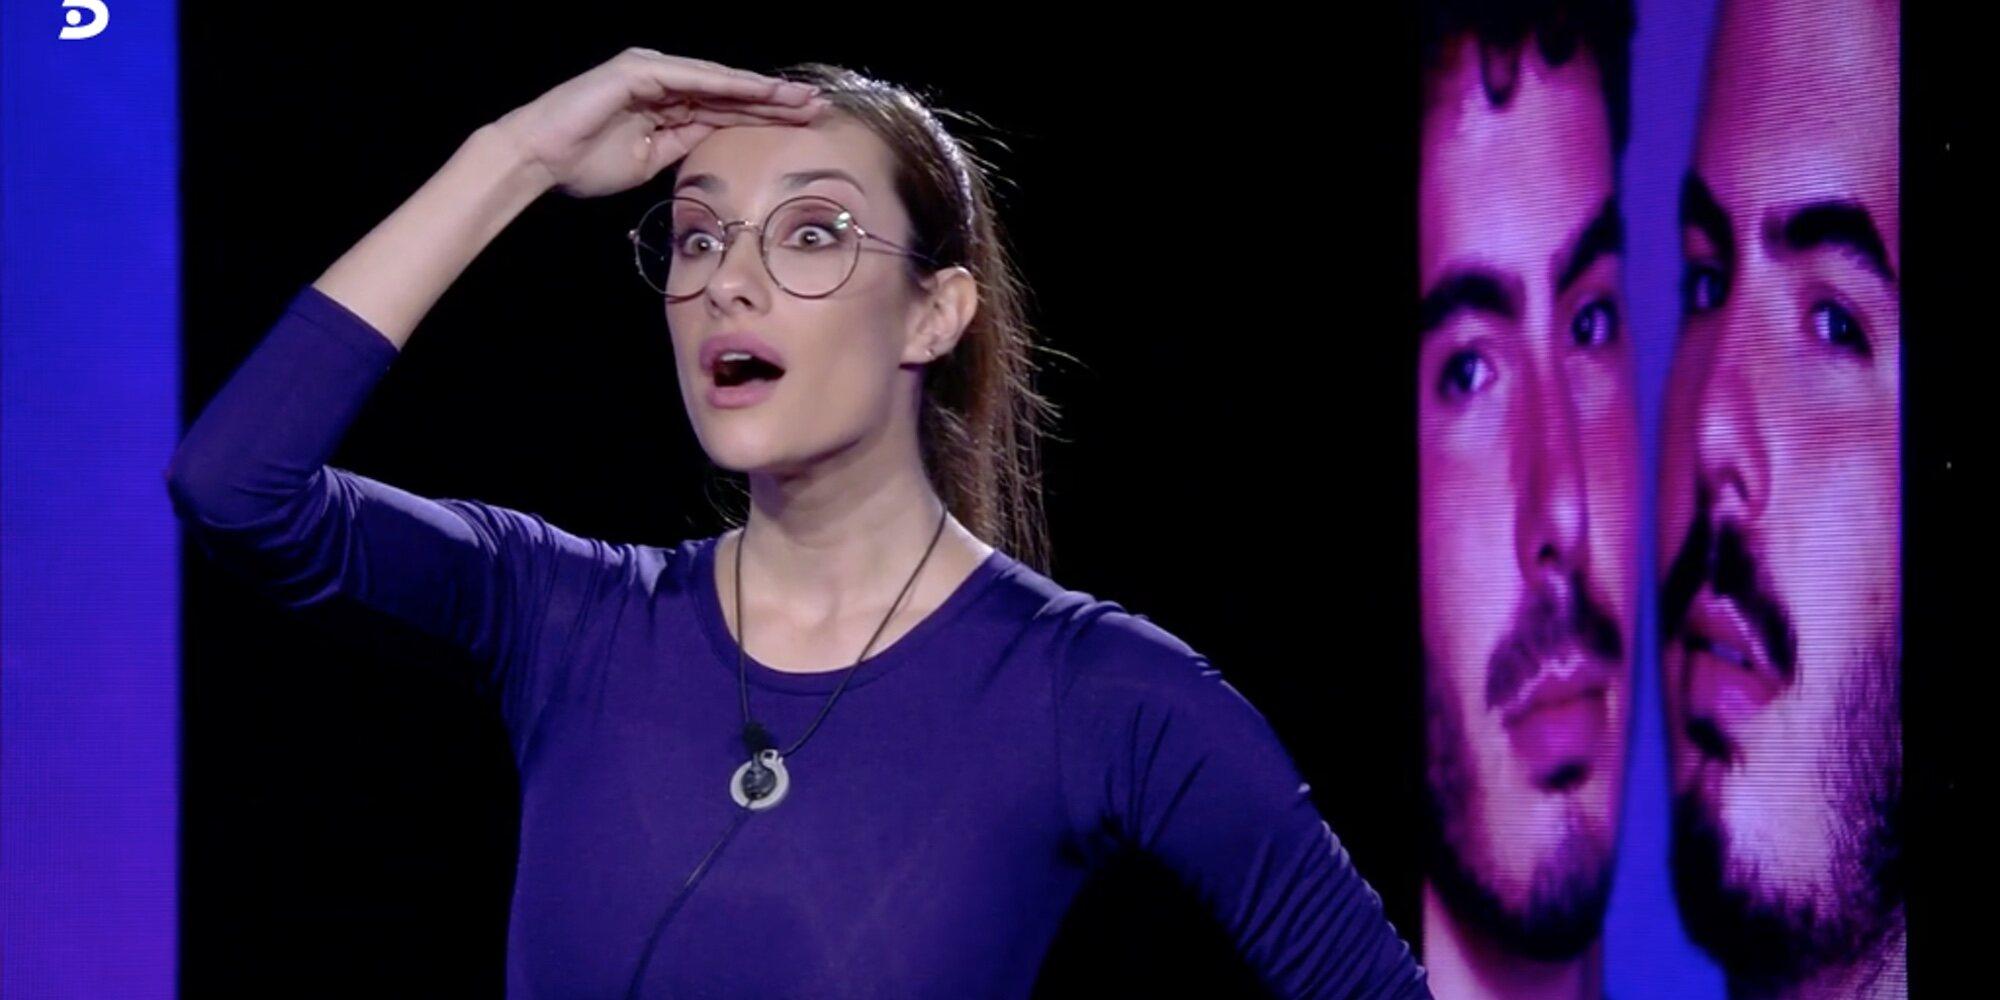 'Secret Story': Lo que no se vio de la bronca de Adara y los Gemeliers tras salir de 'La sala de la verdad'